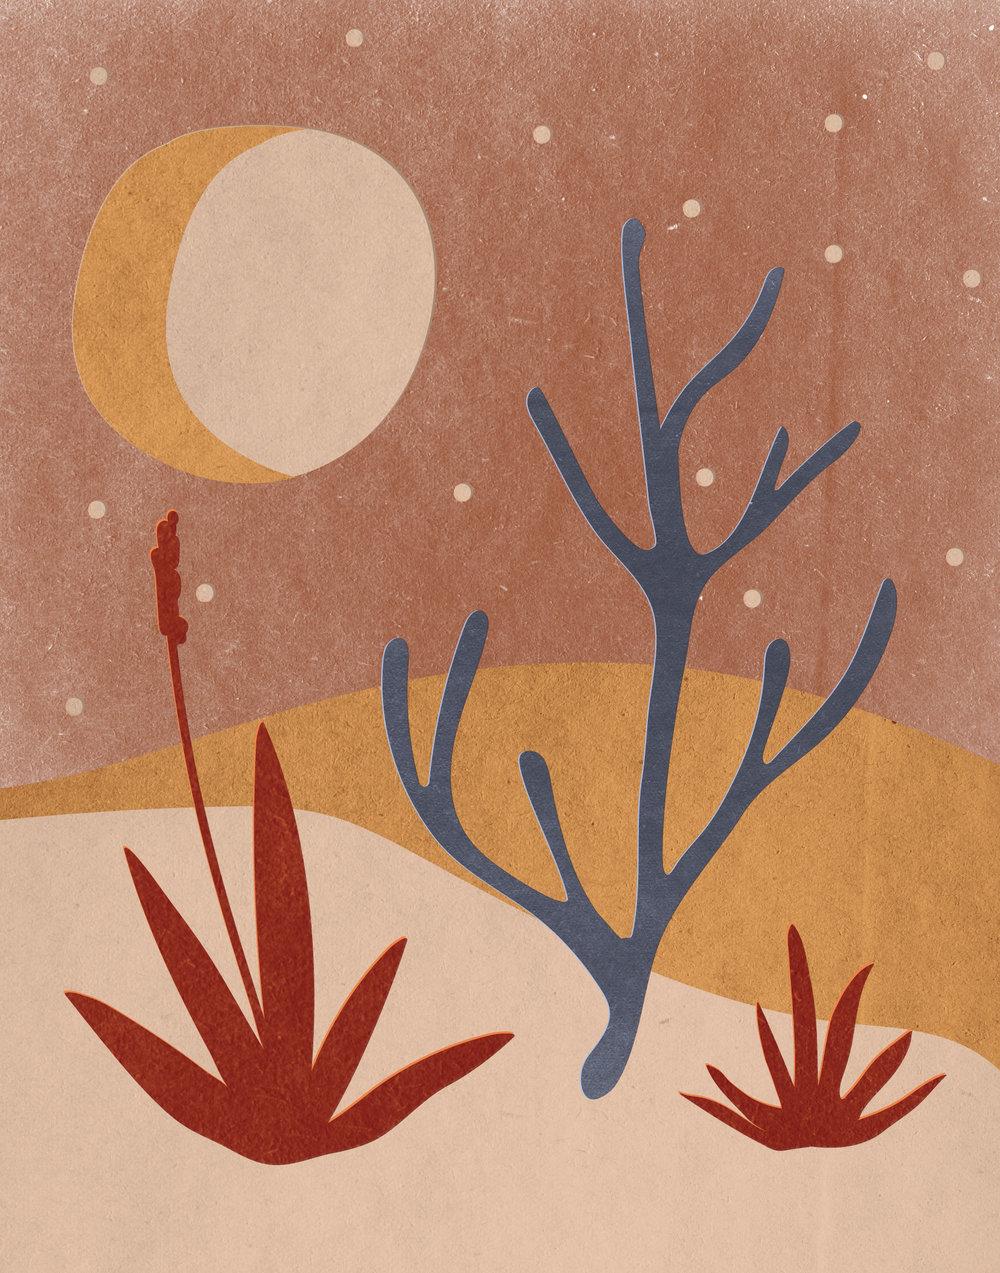 cactus-scape-01.jpg